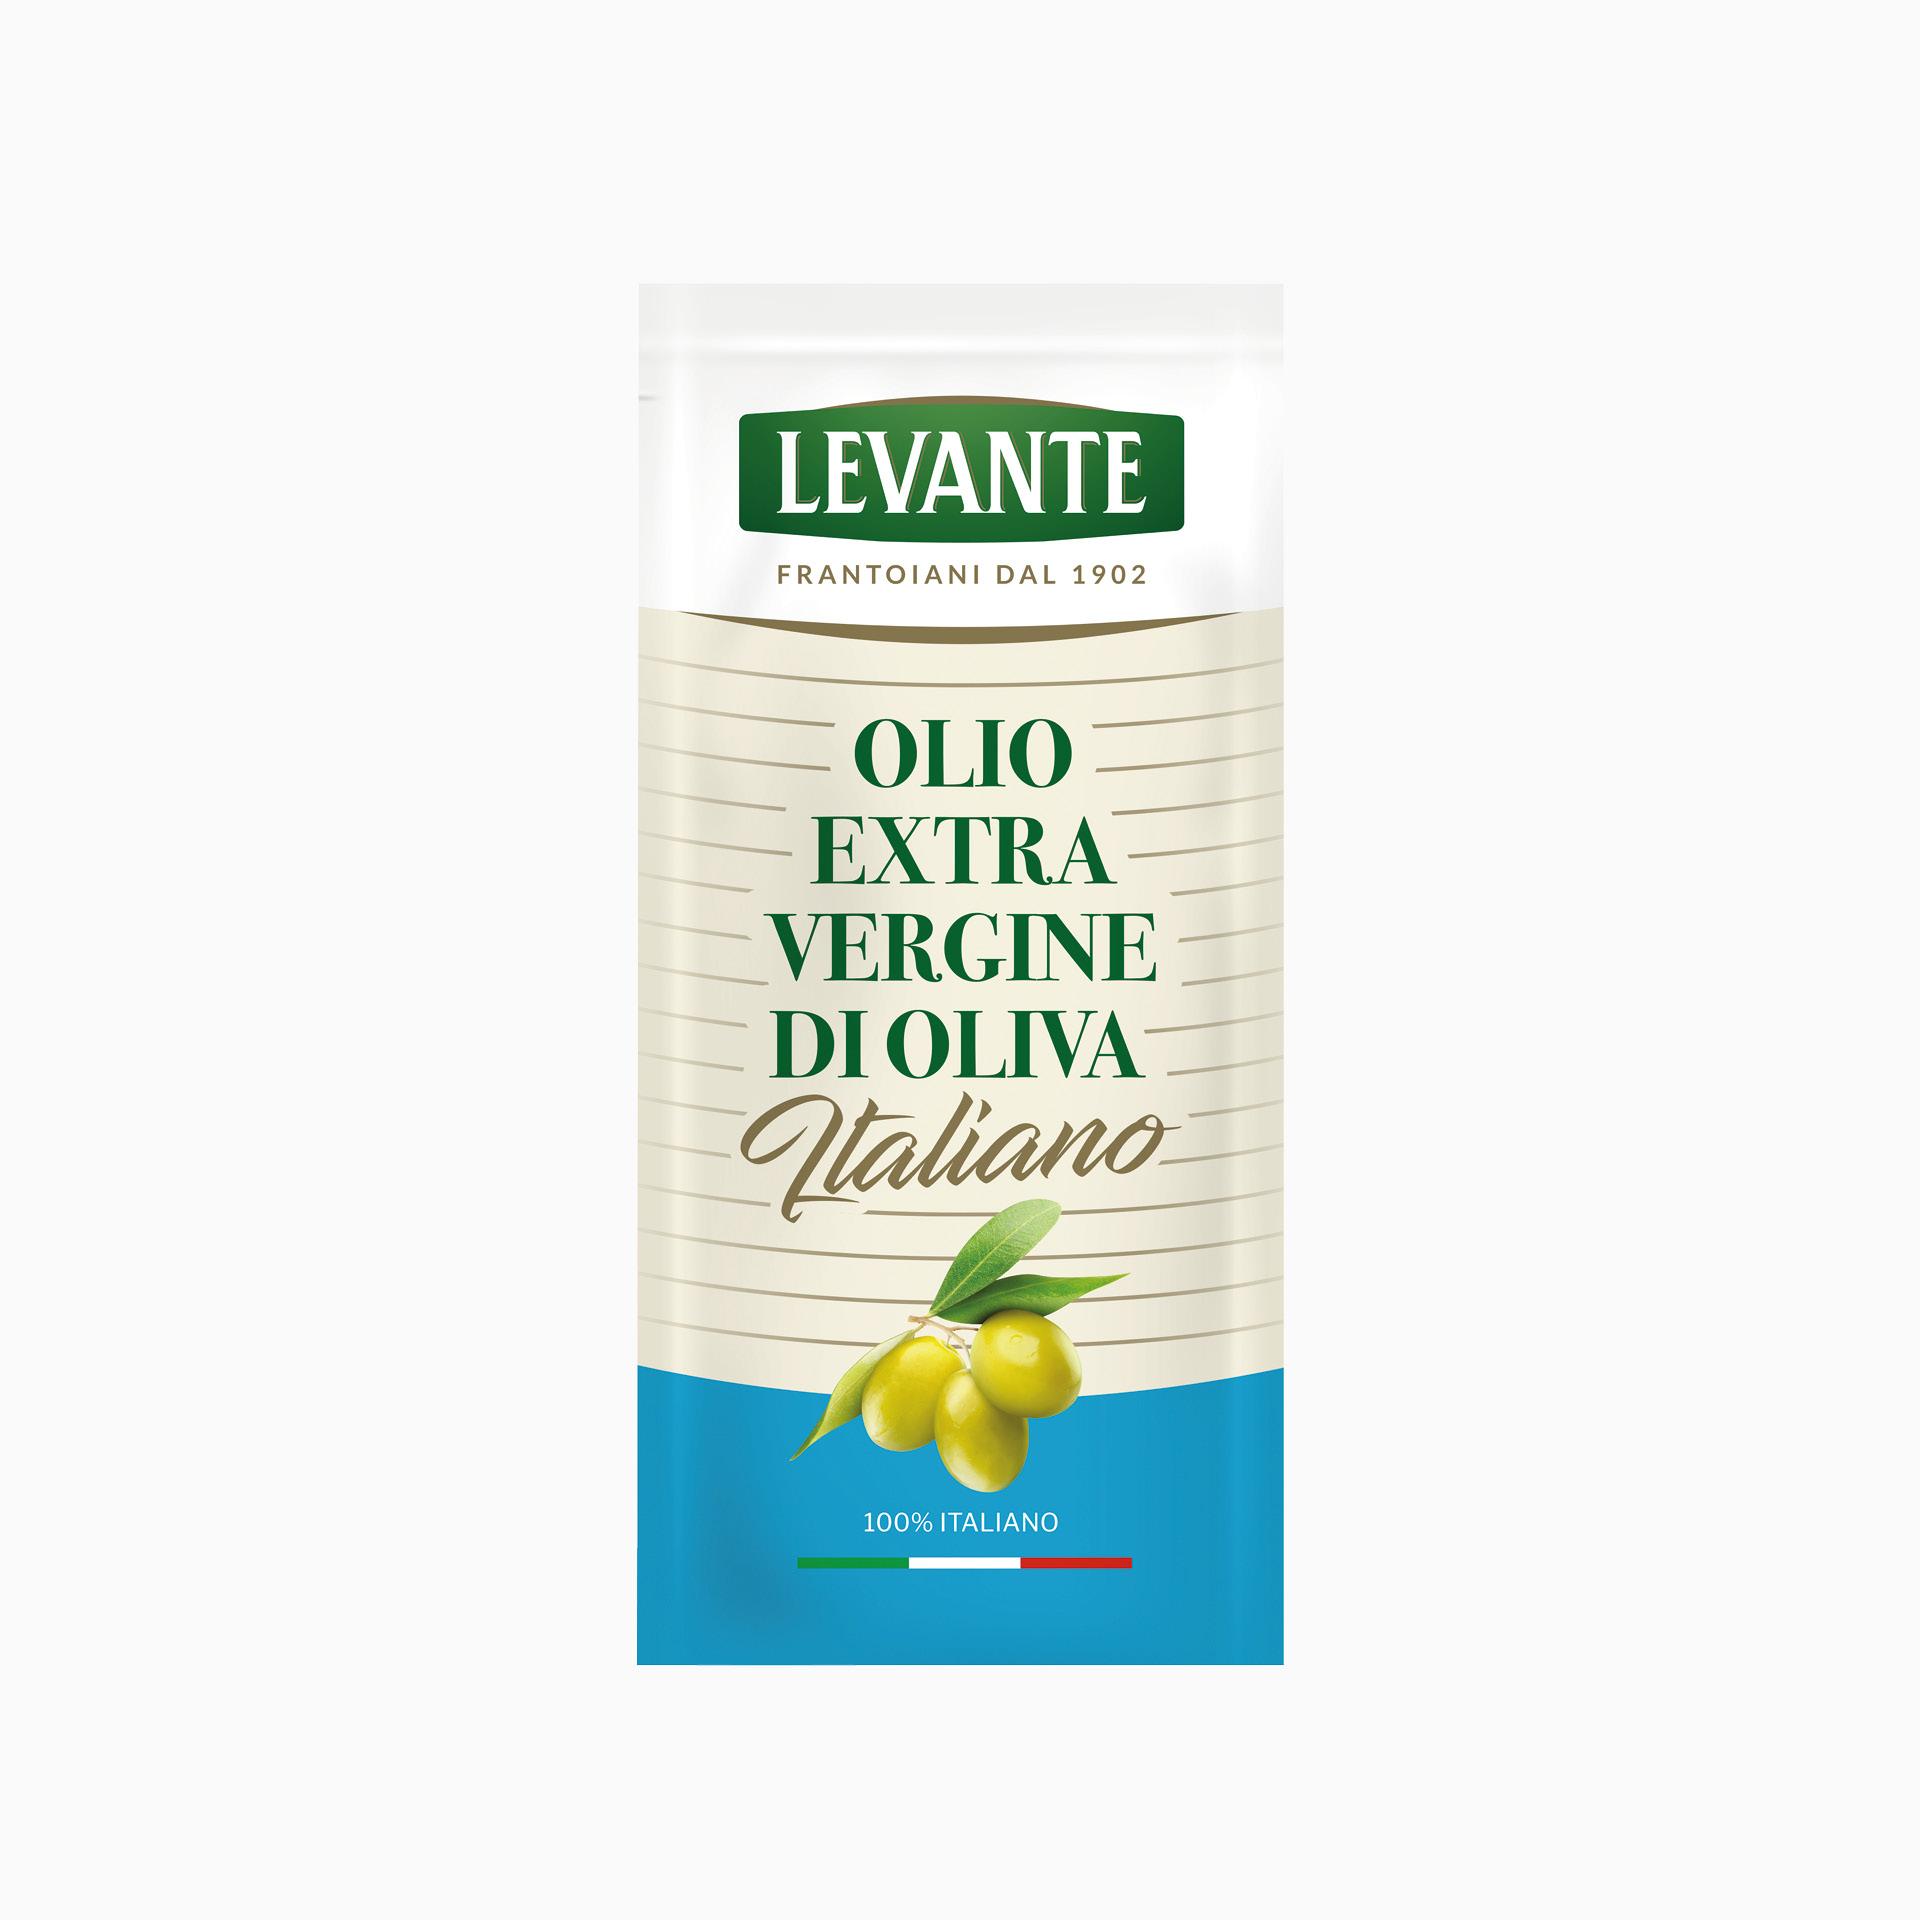 Olio Extra Vergine di Oliva Italiano